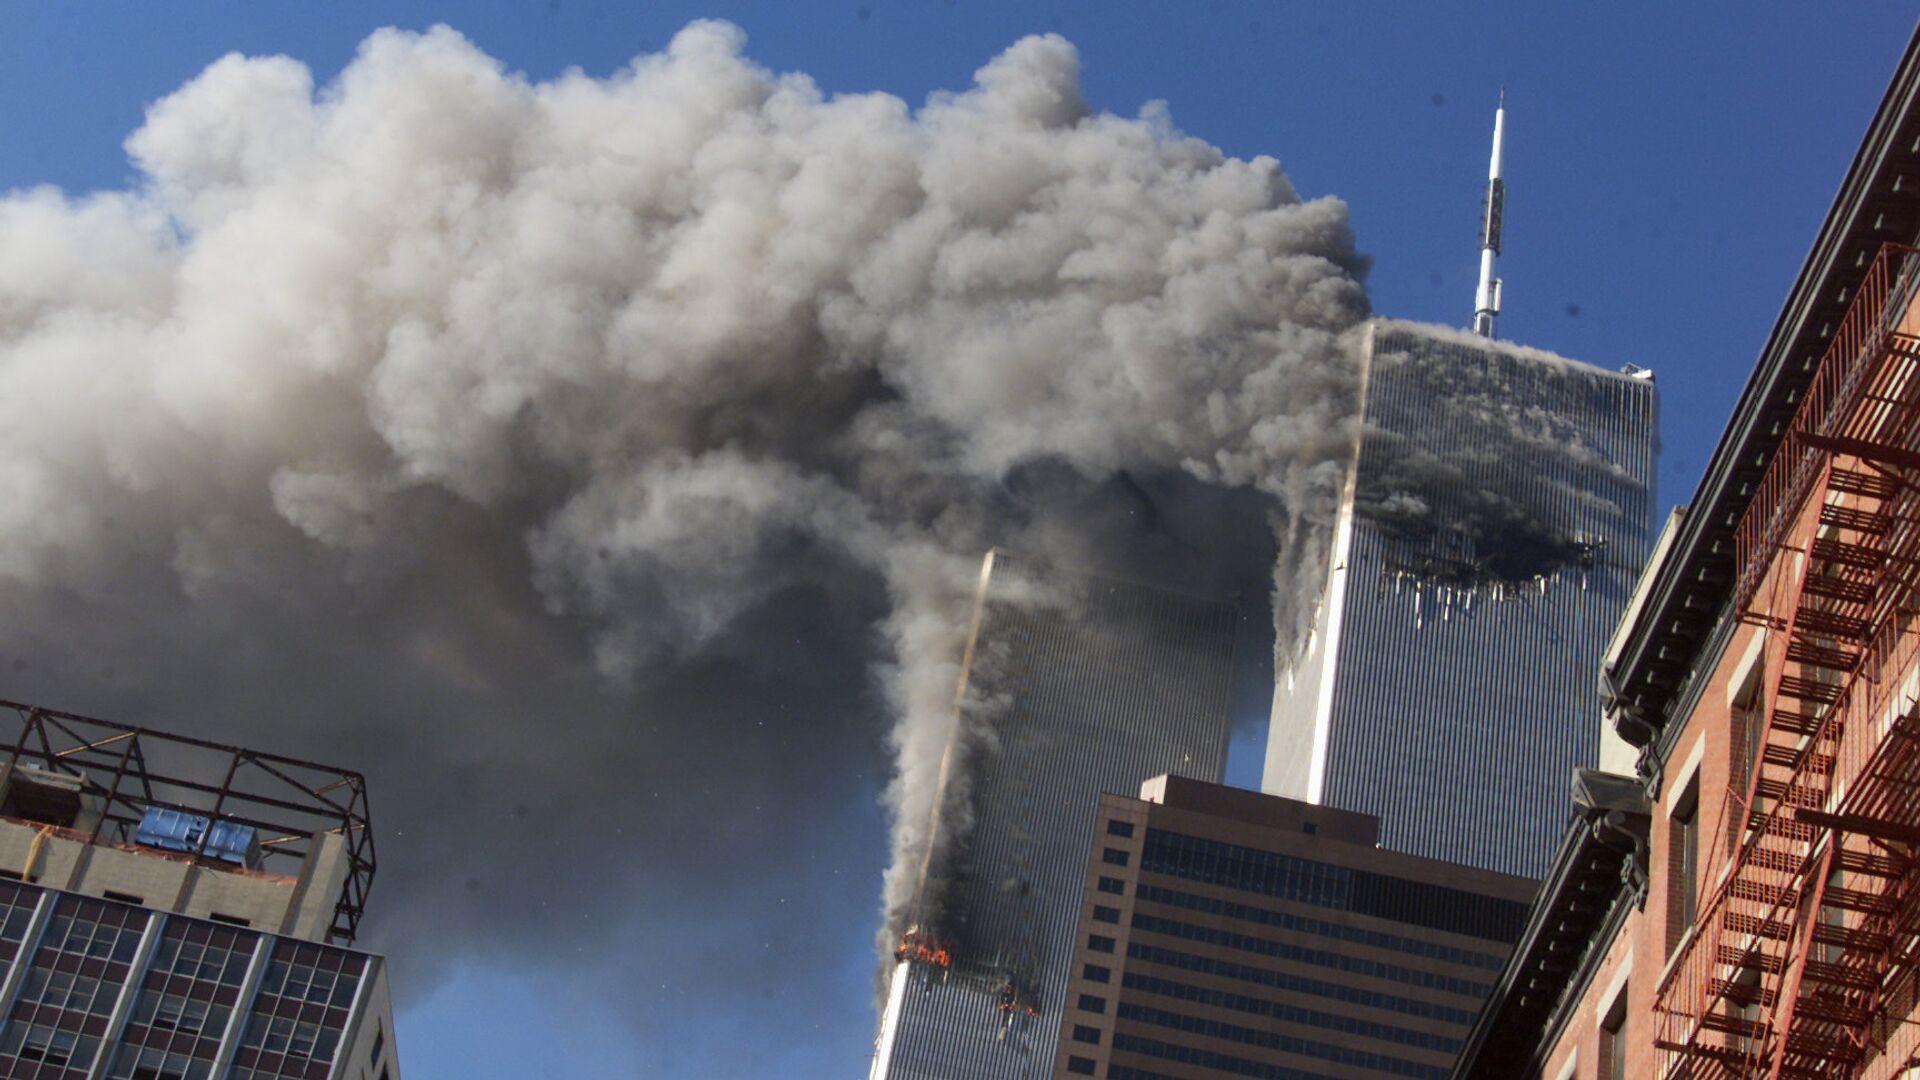 Теракт в Нью-Йорке. 11 сентября 2001 года  - РИА Новости, 1920, 04.09.2021